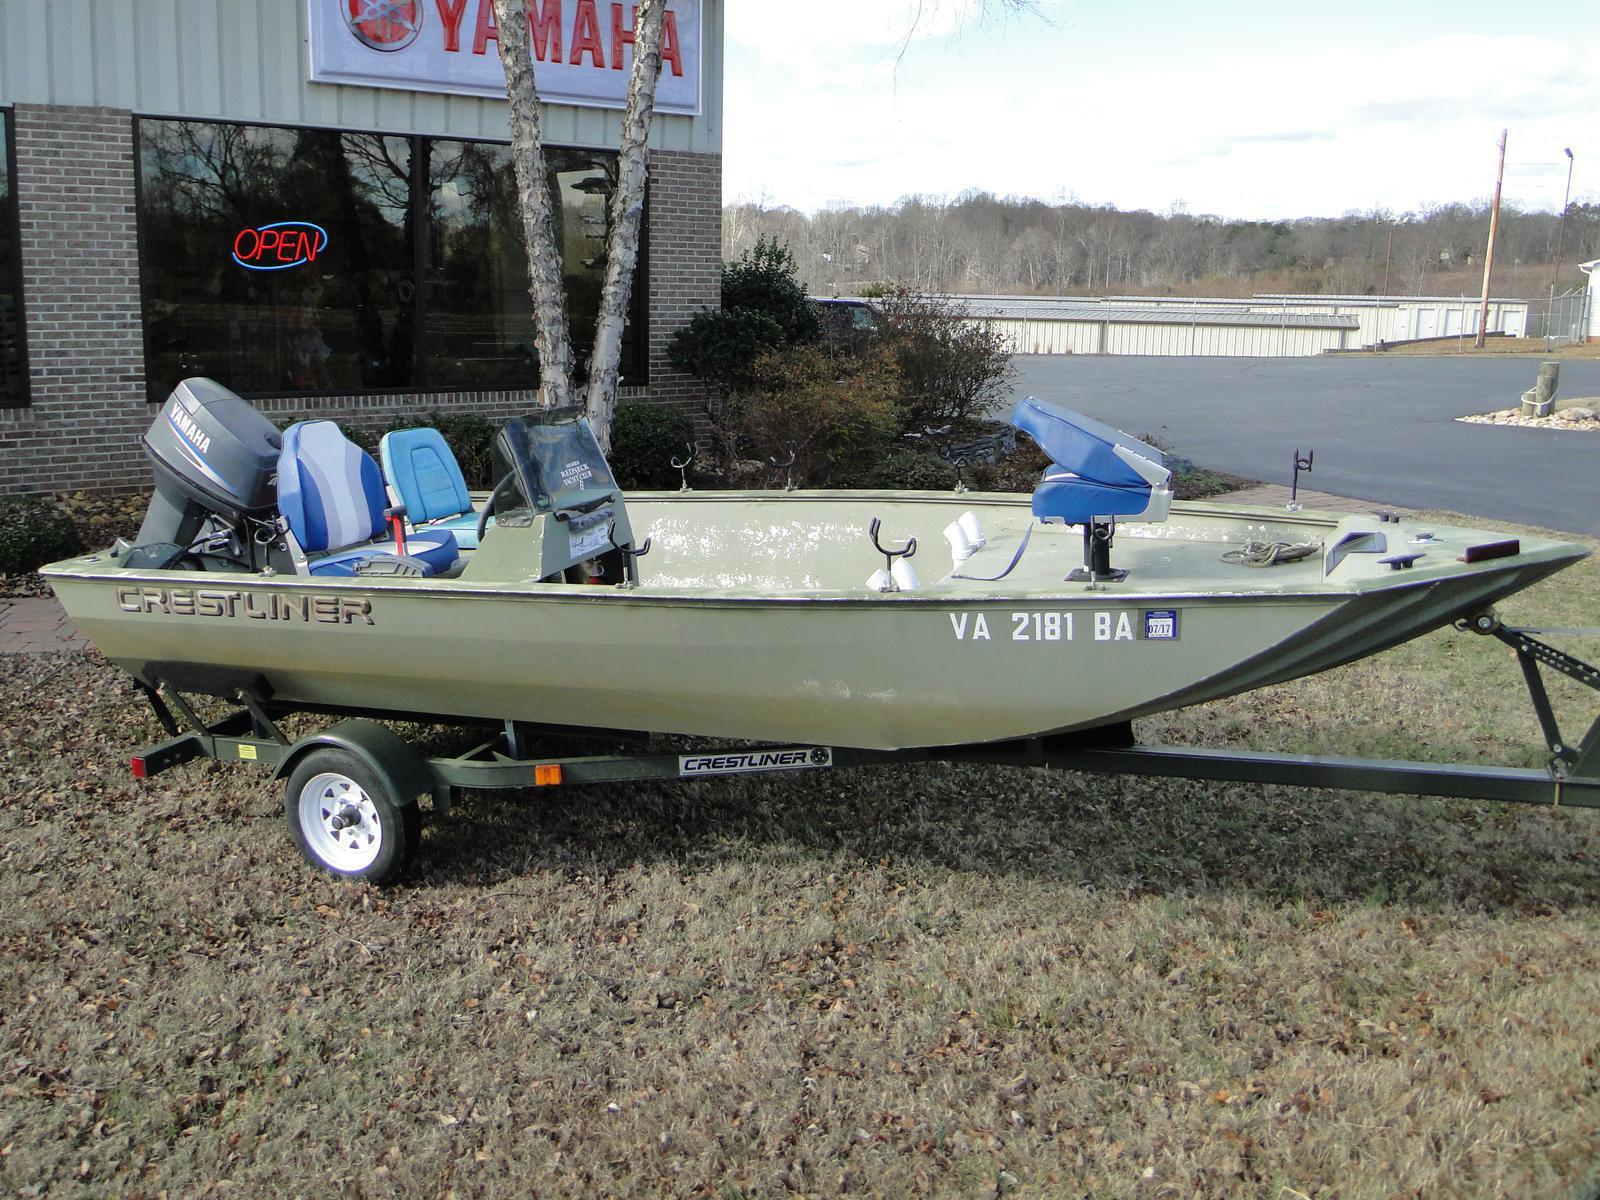 Used crestliner boats for sale 5 for Crestliner fish hawk